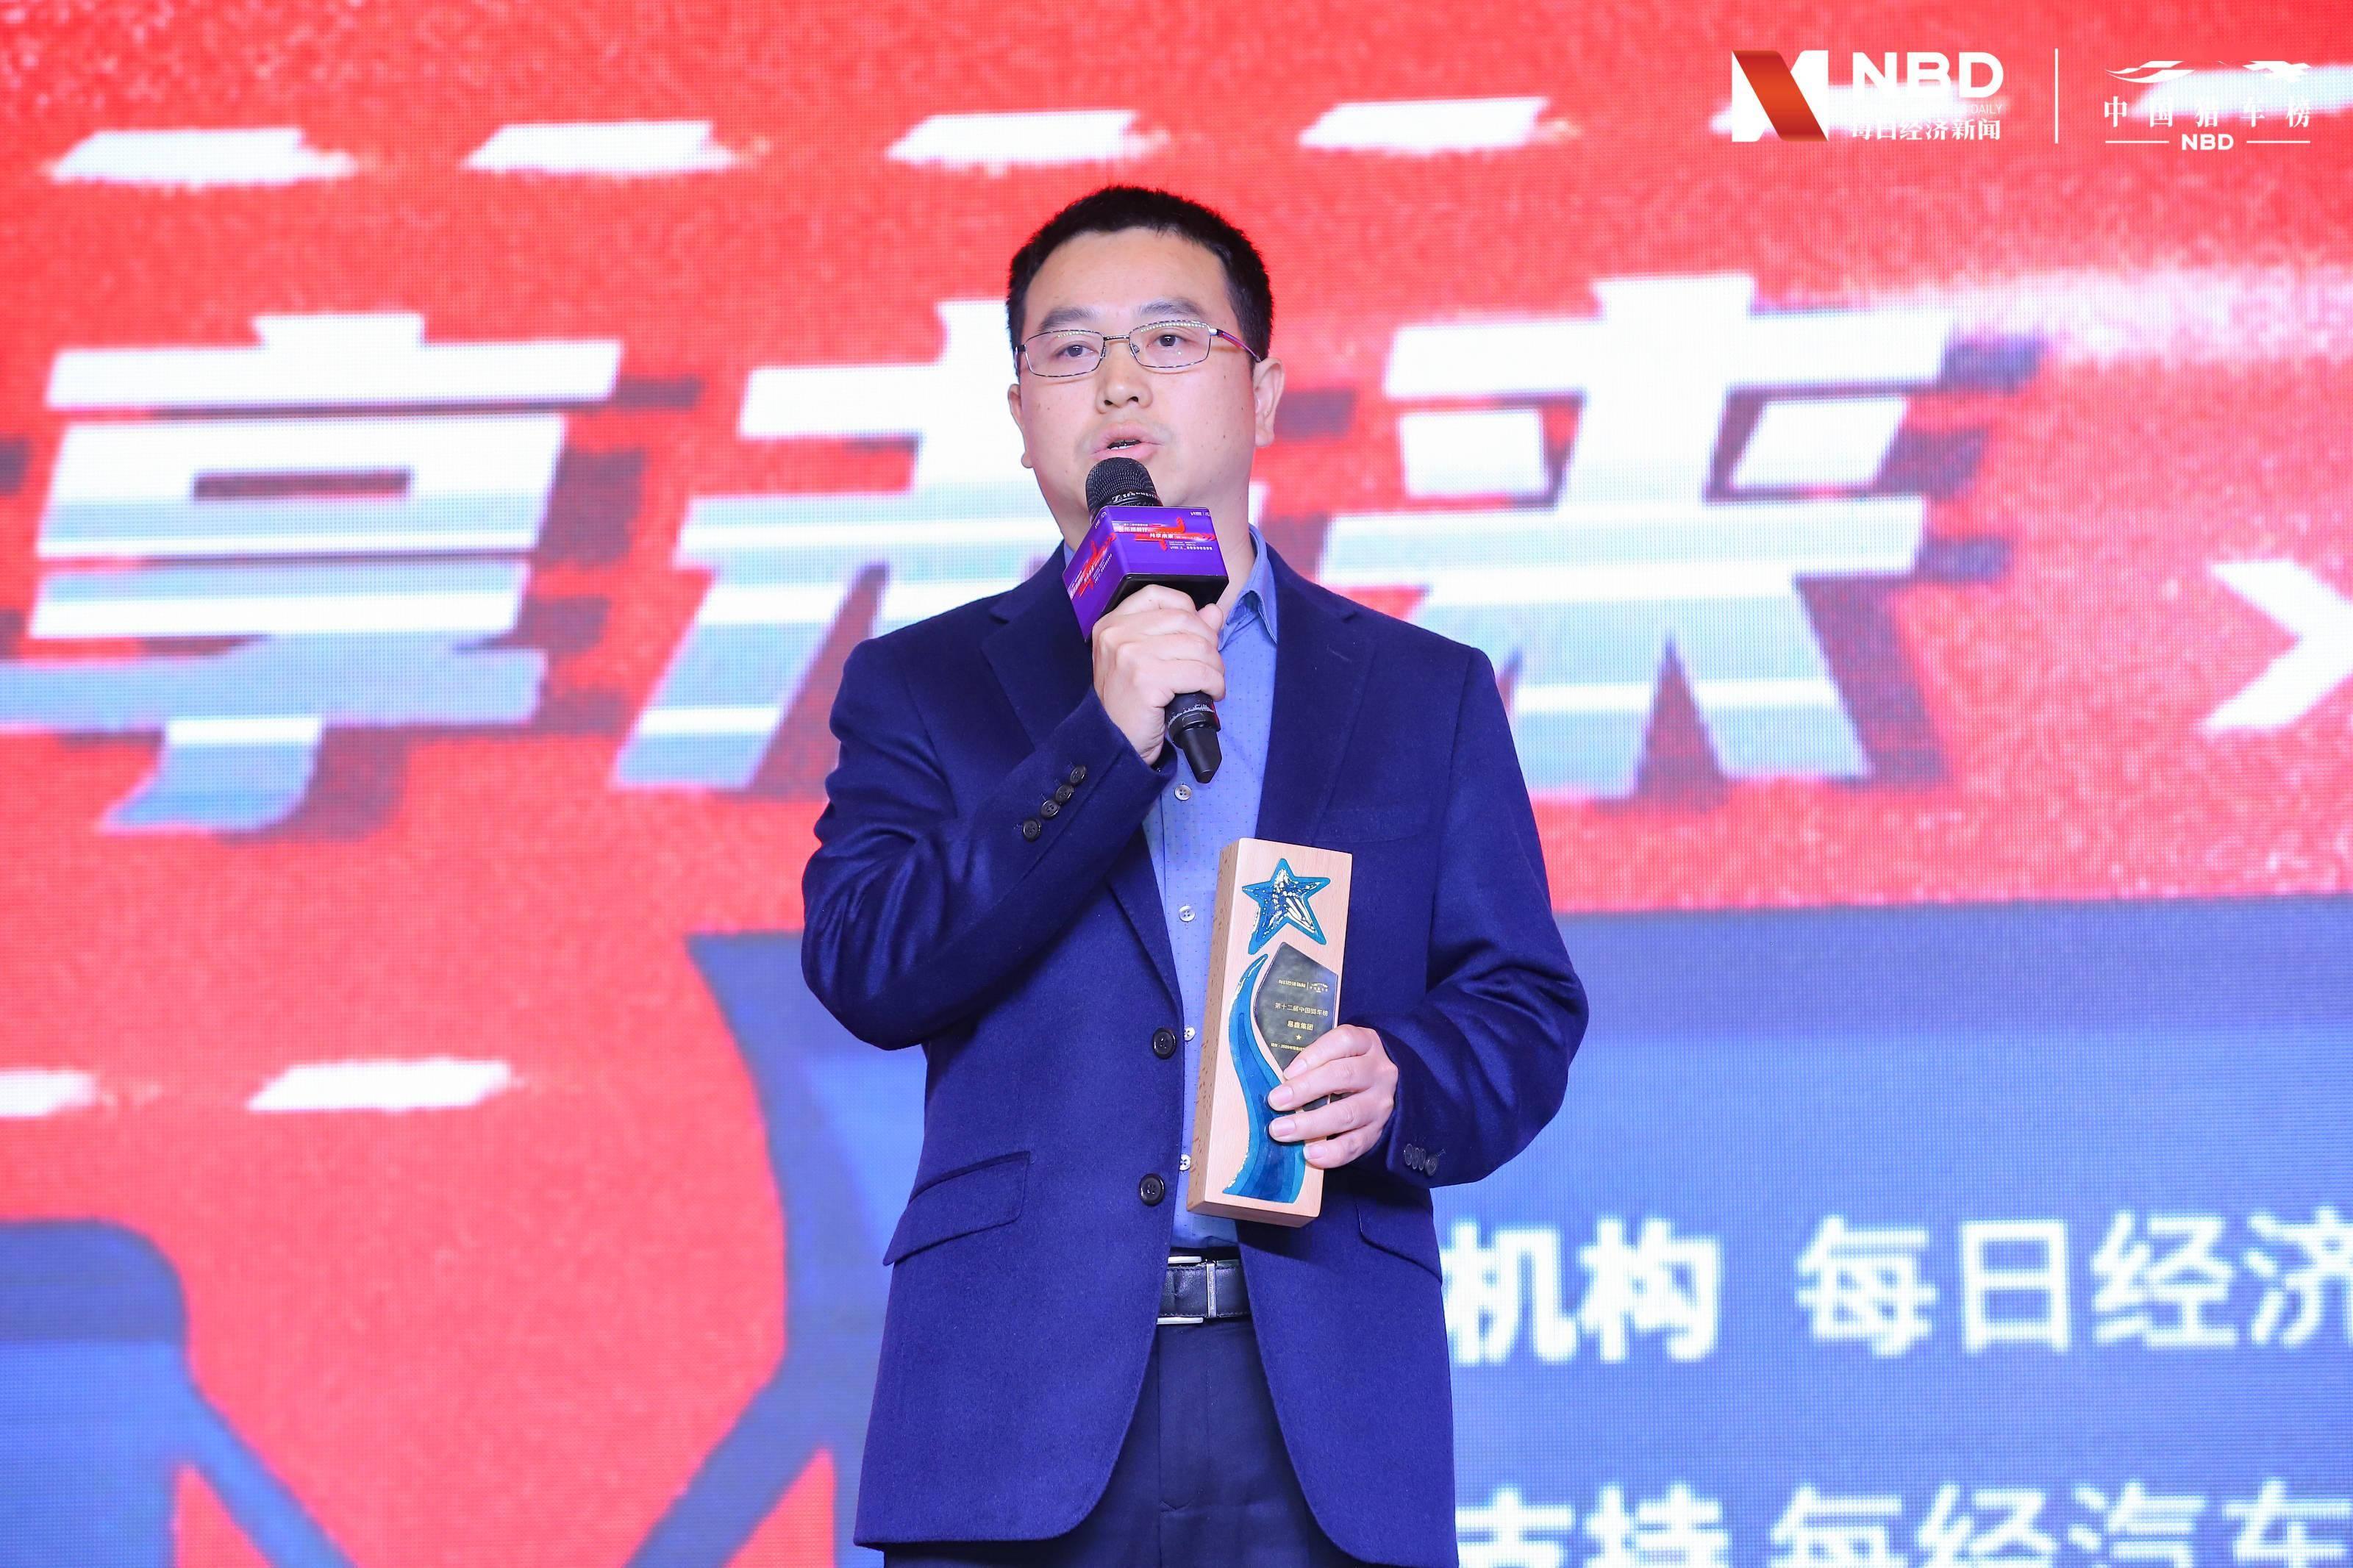 易鑫集团黄生建:将帮助更多中国消费者实现轻松购车愿望